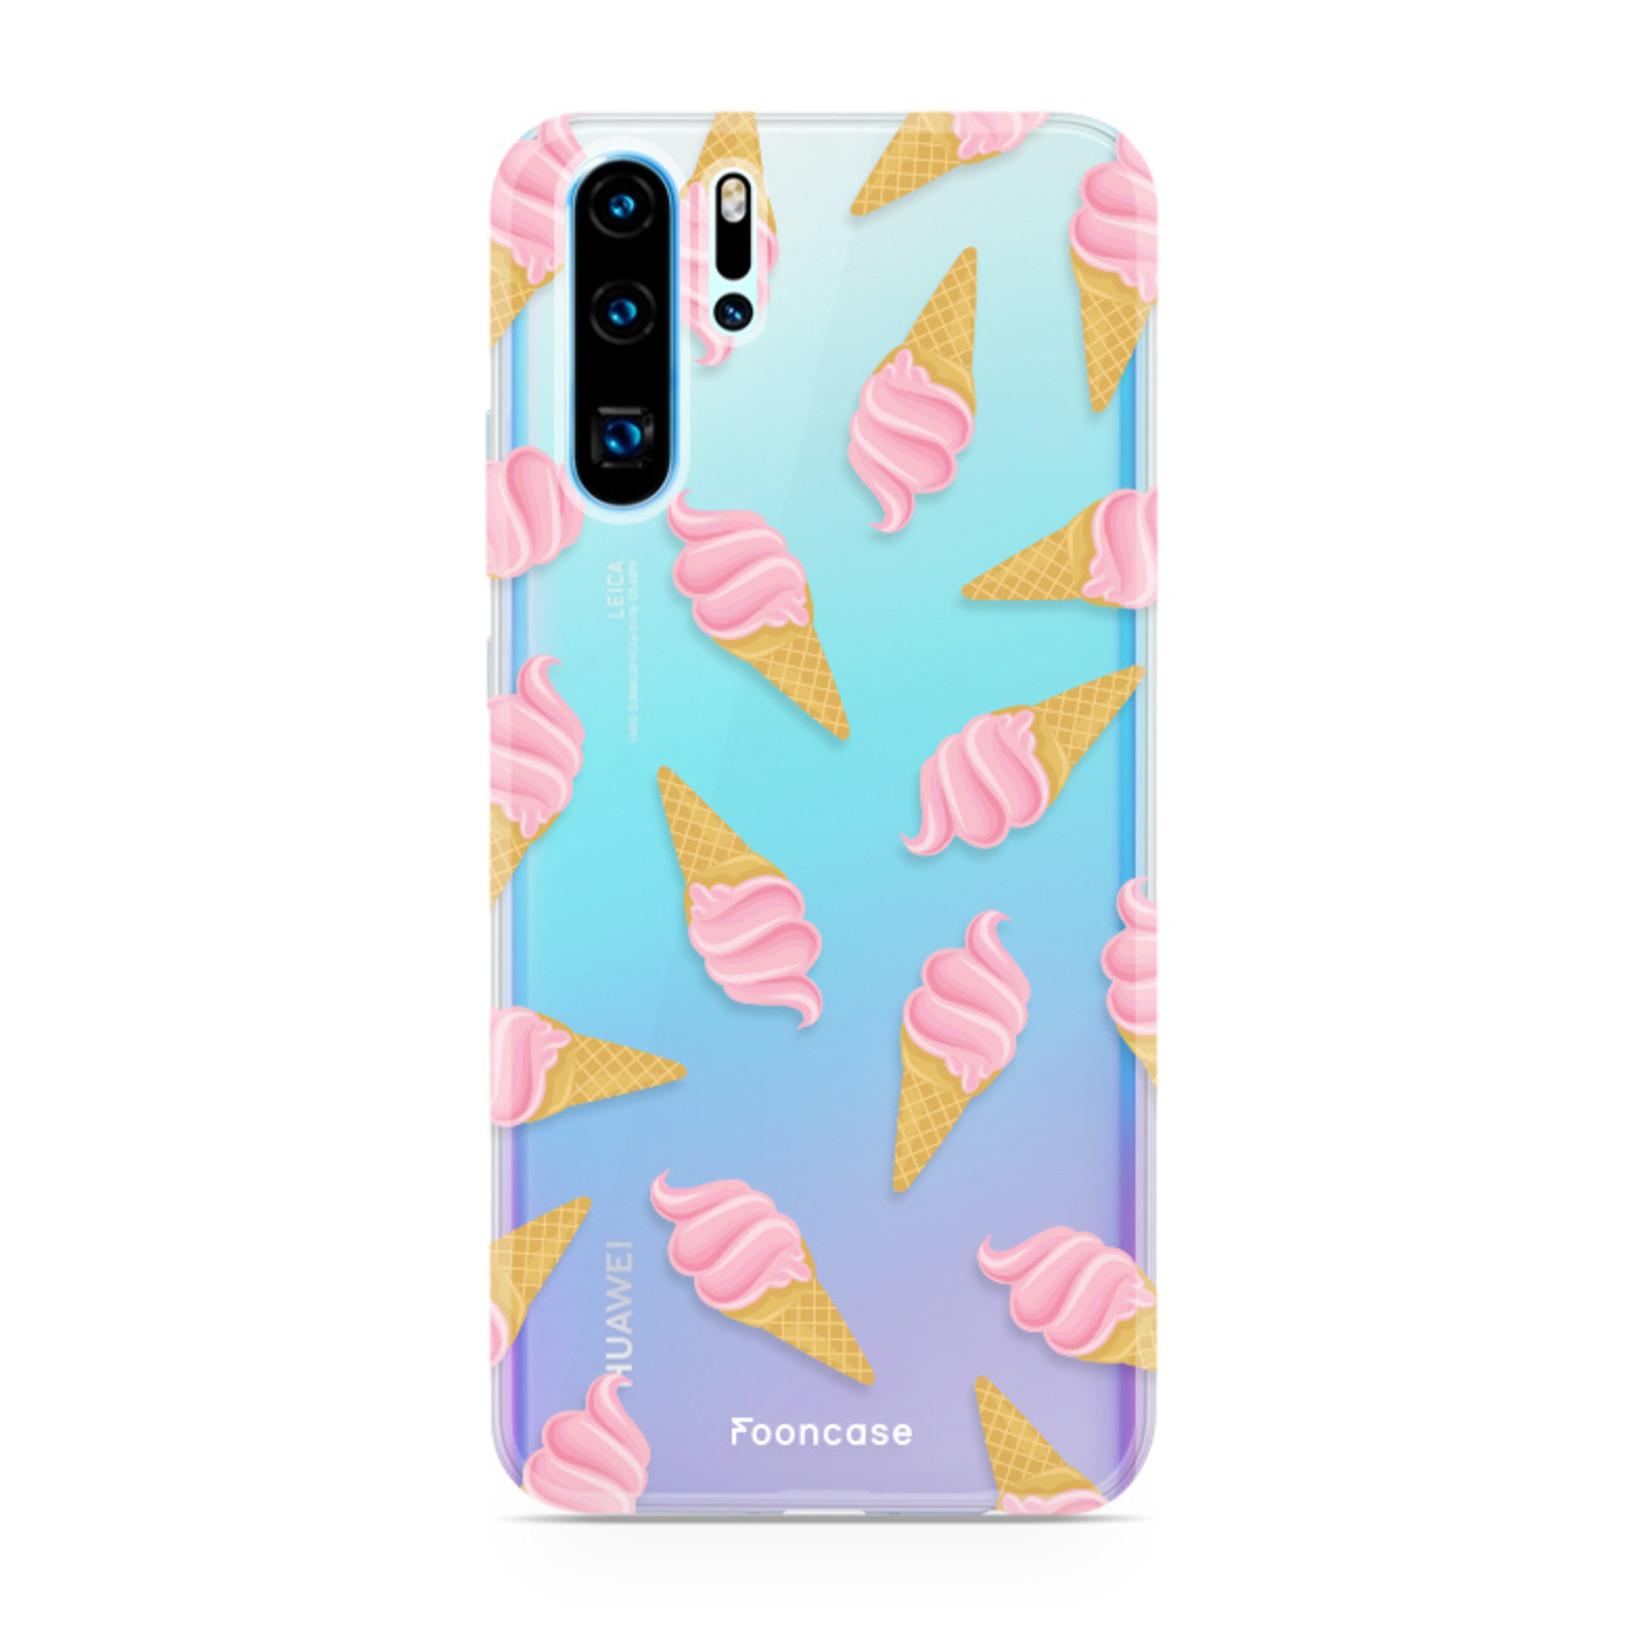 FOONCASE Huawei P30 Pro hoesje TPU Soft Case - Back Cover - Ice Ice Baby / Ijsjes / Roze ijsjes